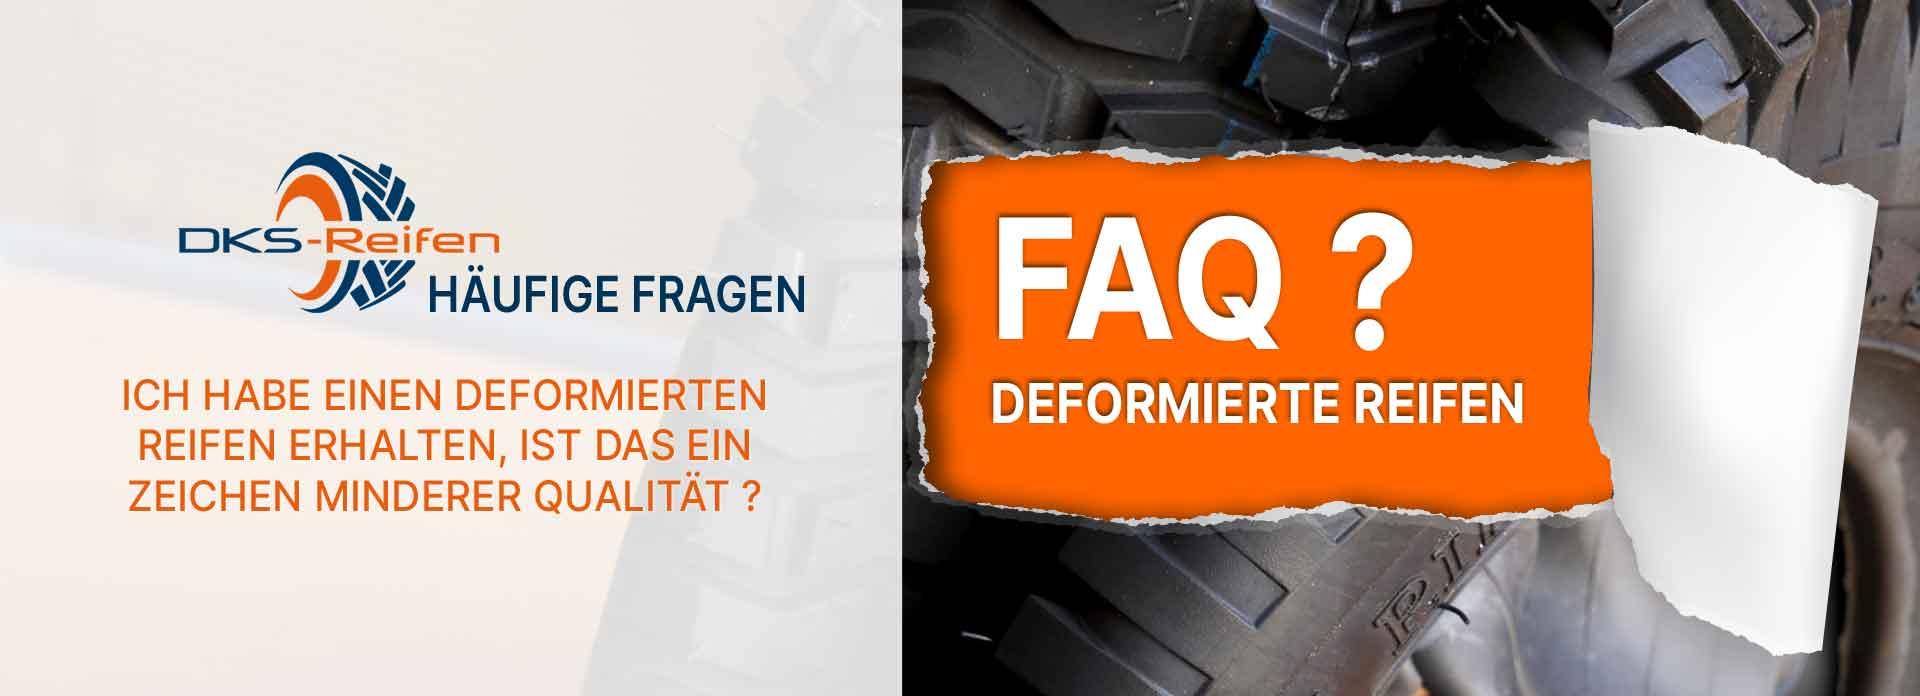 Unförmige Reifen geliefert bekommen? Das ist nicht zwingend ein Zeichen schlechter Qualität